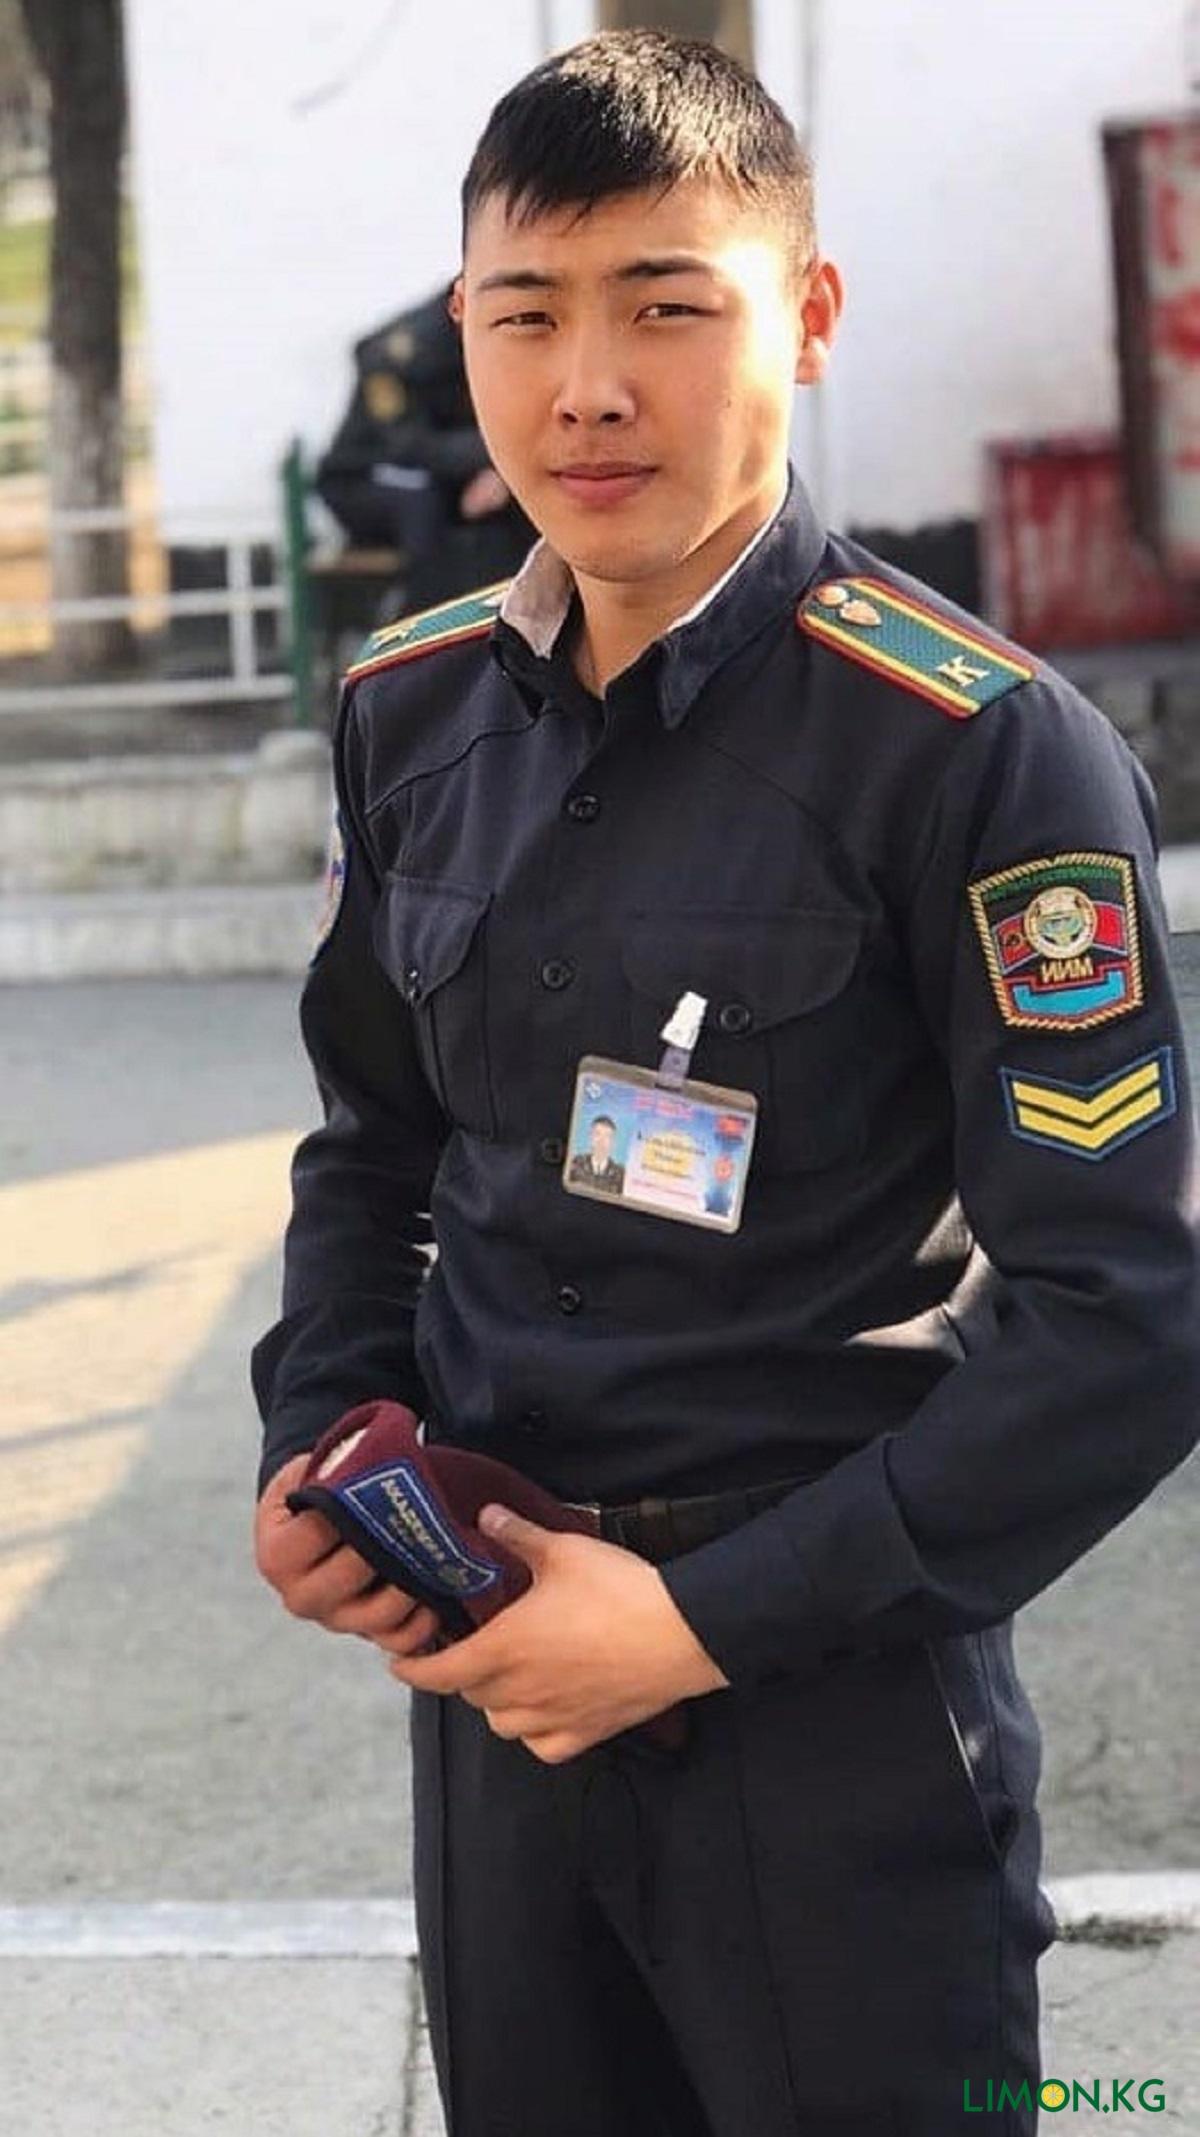 Манас Келдибеков рядовой милиции1